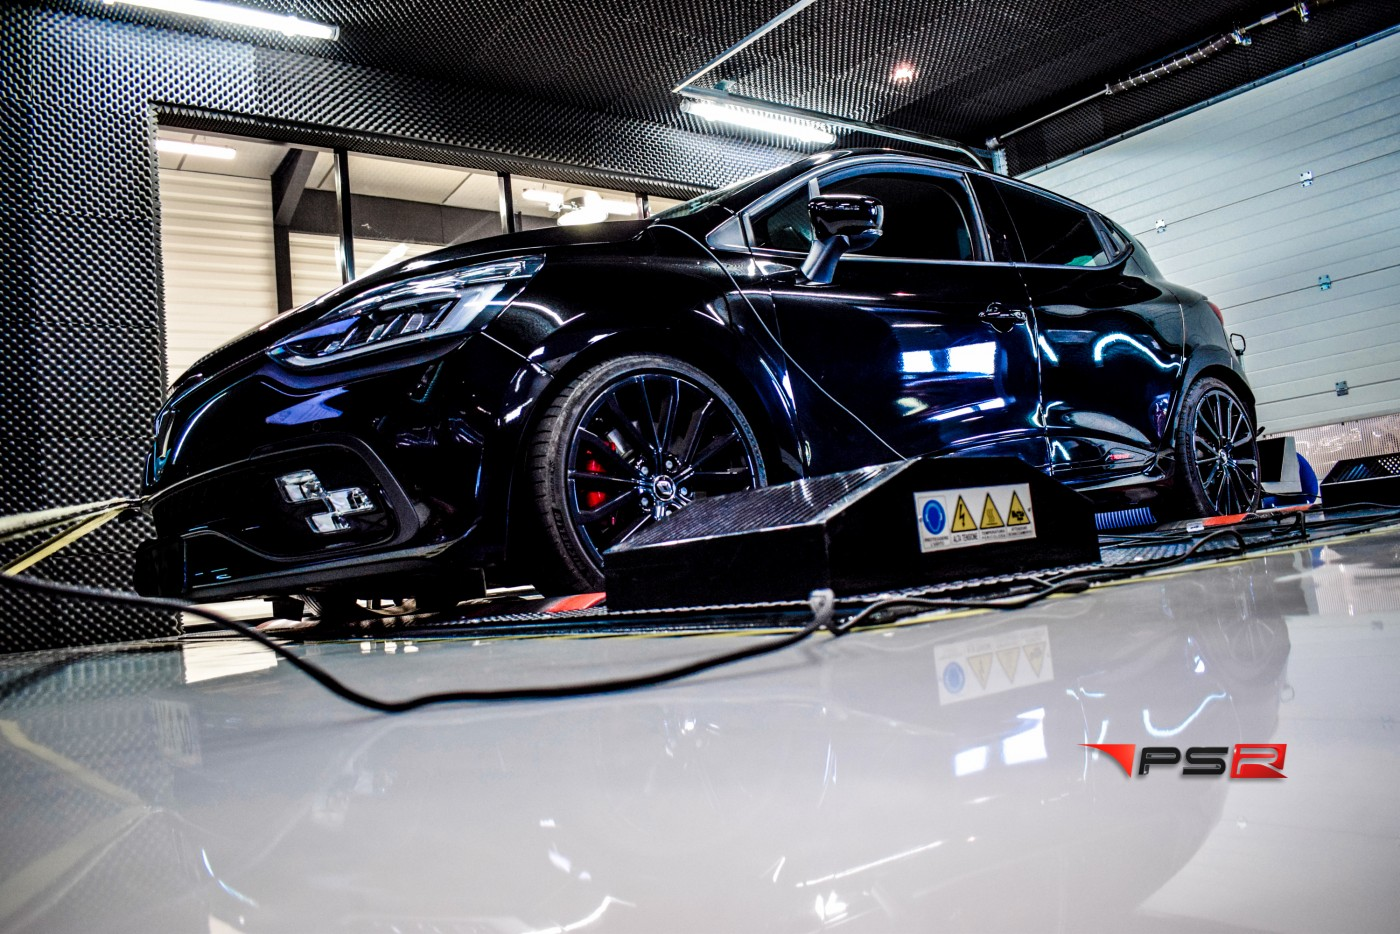 RENAULT CLIO RS 4 TUNE/ETHANOL